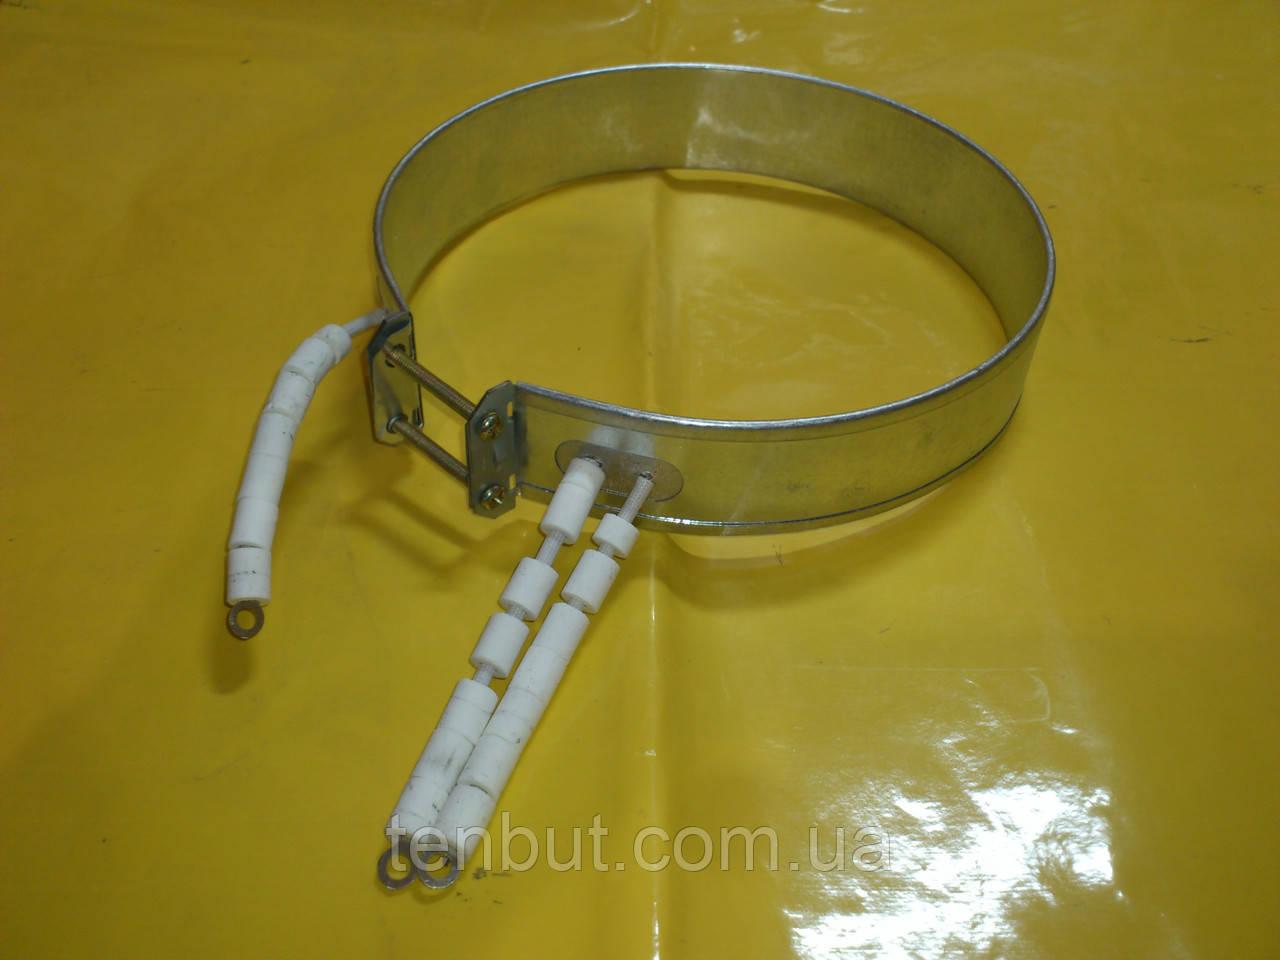 Тэн нагреватель для термопота ( тэрмос-чайник ) ф-175 мм. в развёрнутом виде 54 см. / 220 В. 750 Вт.